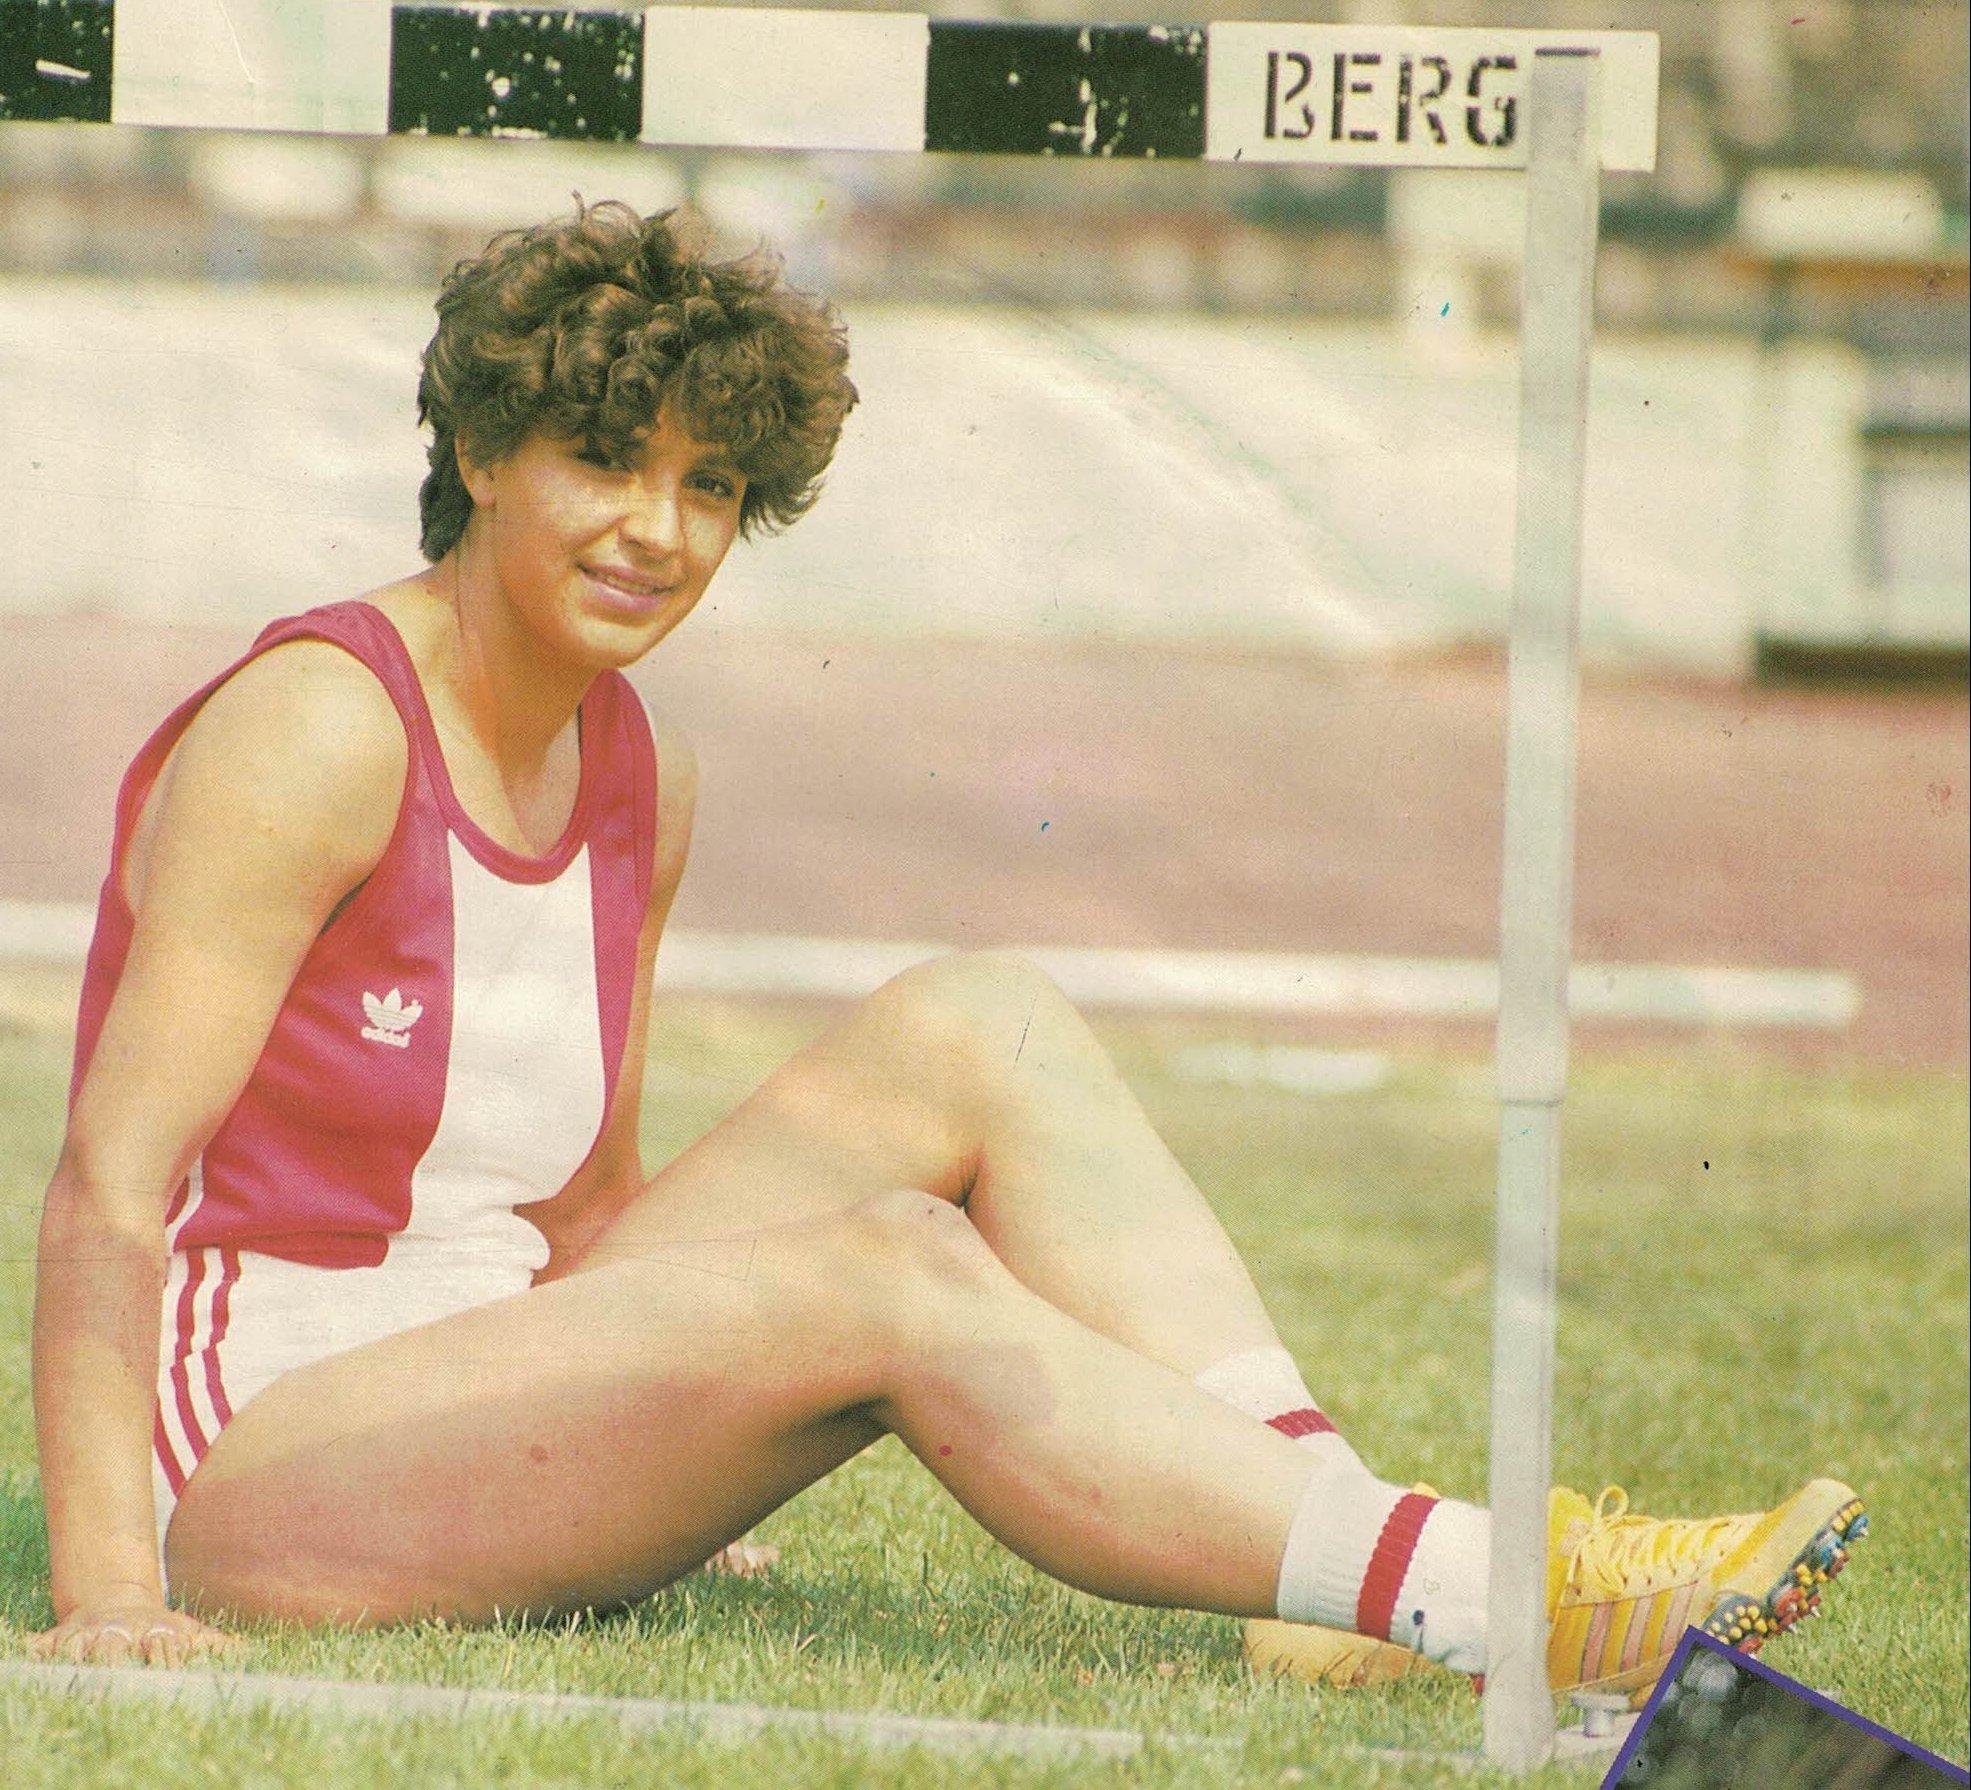 Yurka Khristova